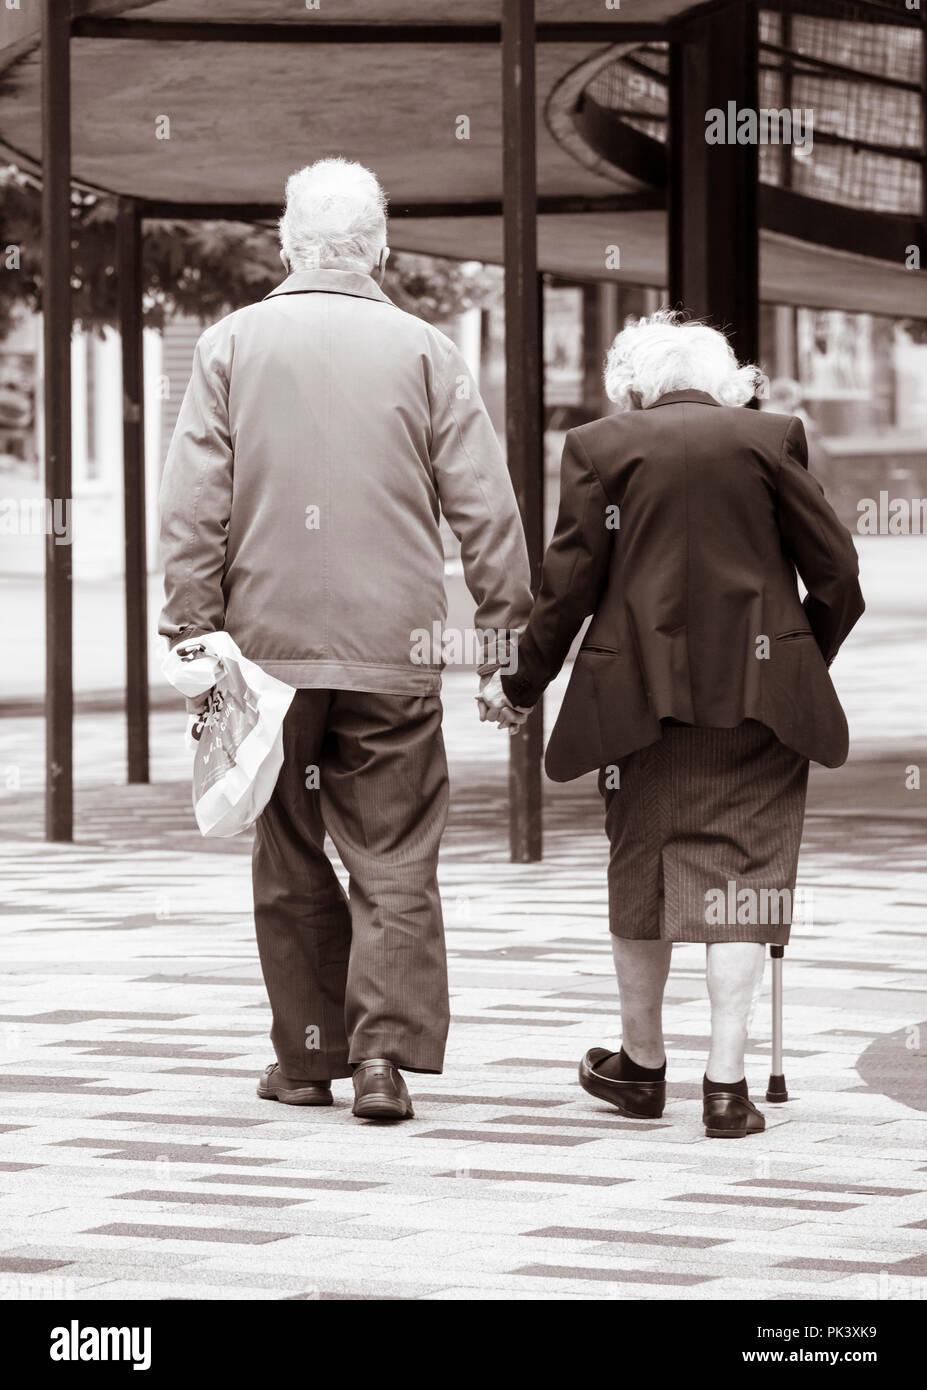 Ansicht der Rückseite des ältere Paare halten sich an den Händen. Großbritannien Stockbild